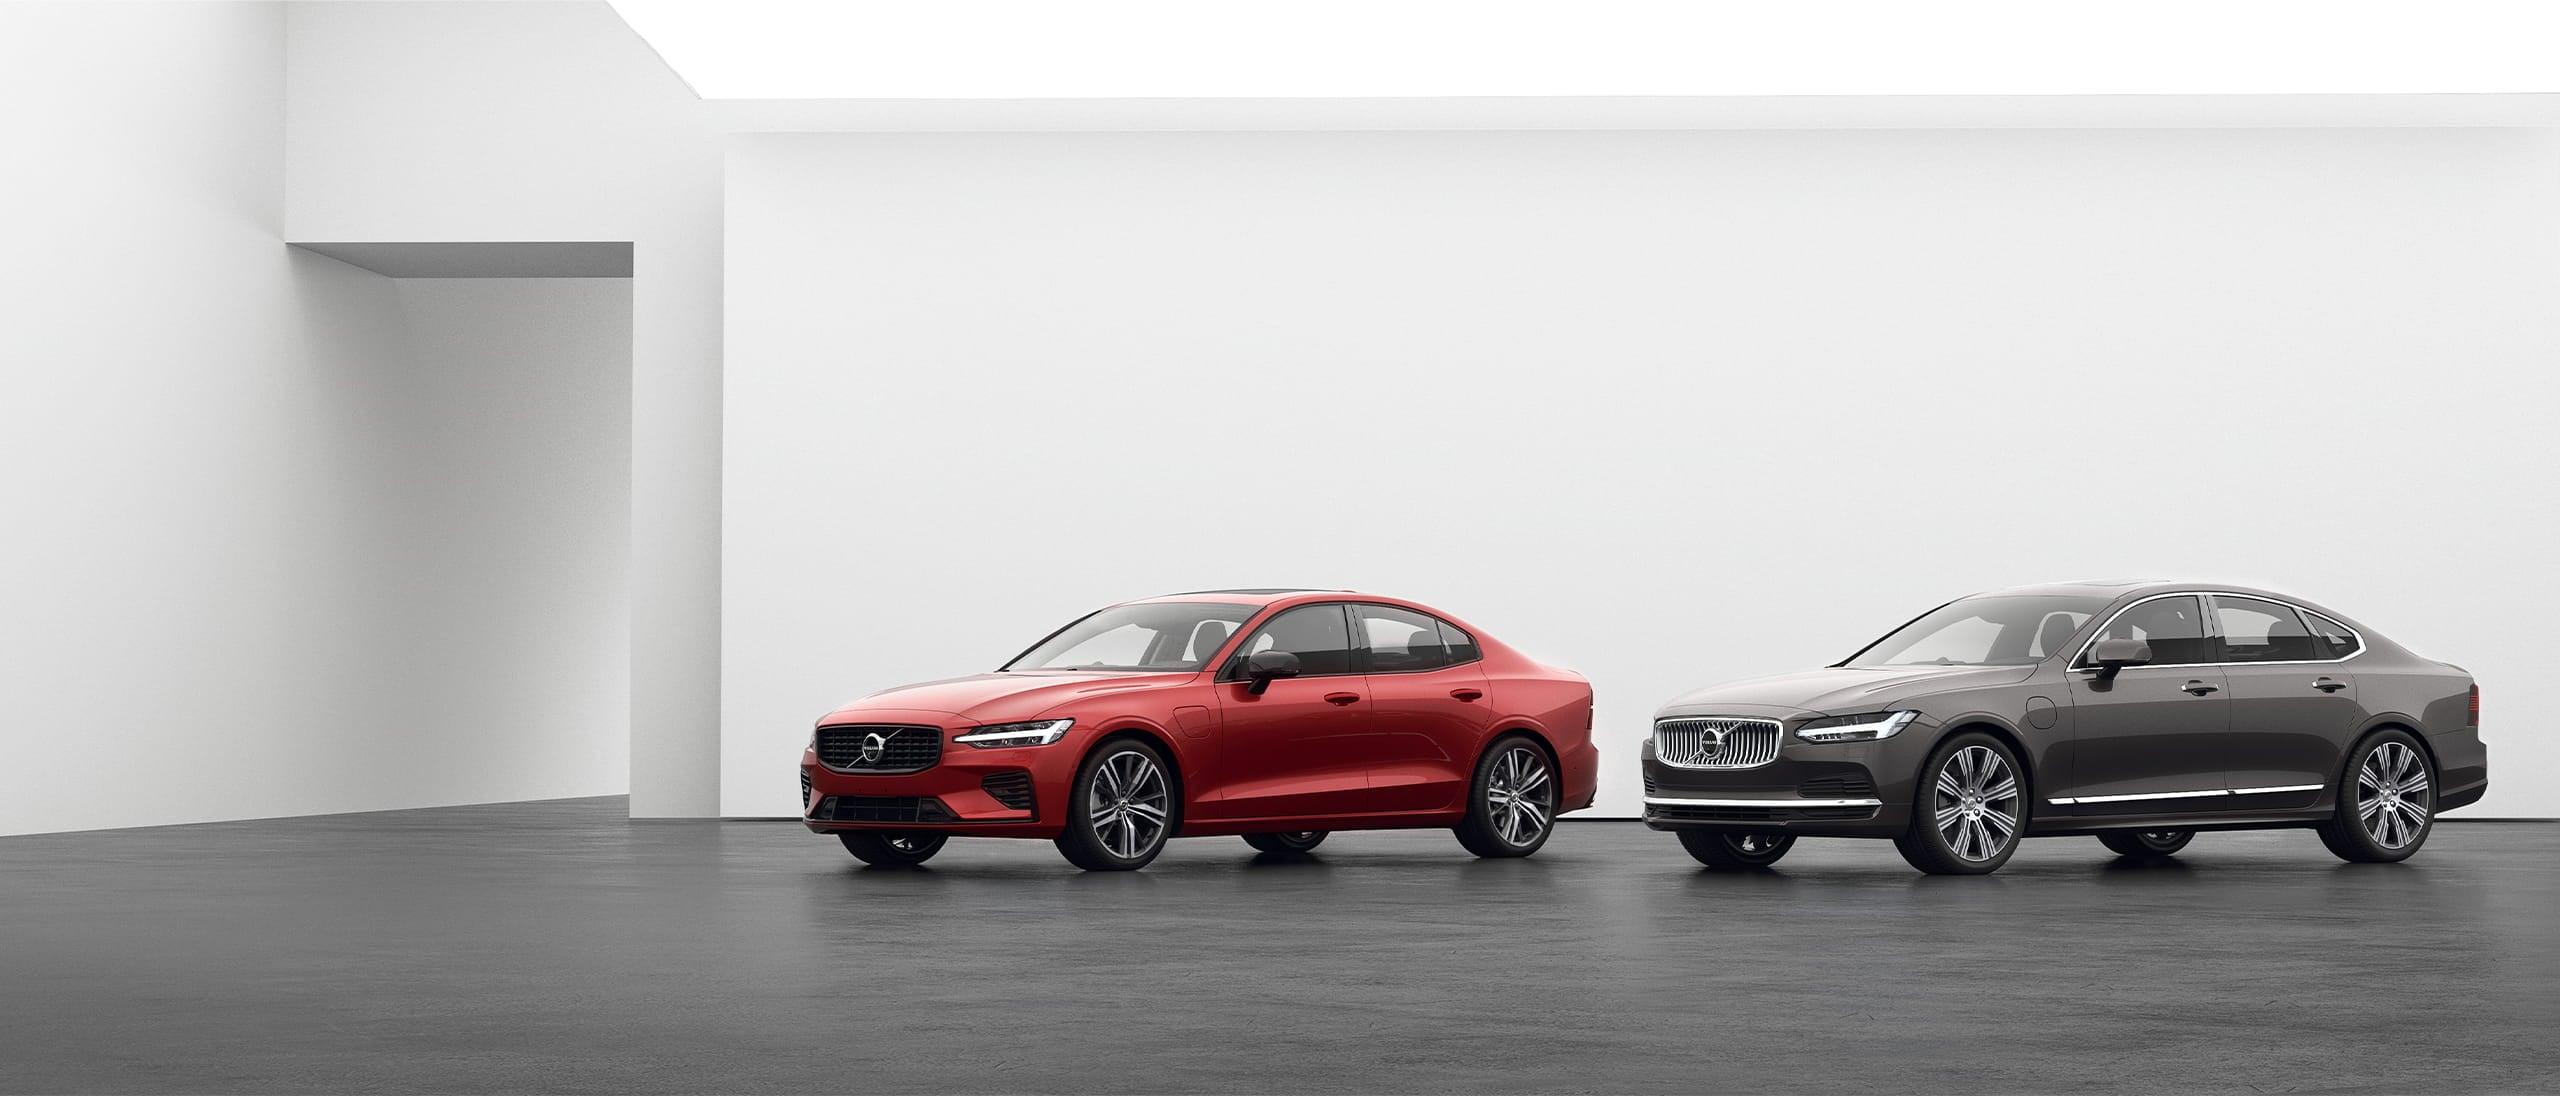 Un Volvo S90 y un Volvo S60 Recharge híbrido enchufable aparcados en suelo gris